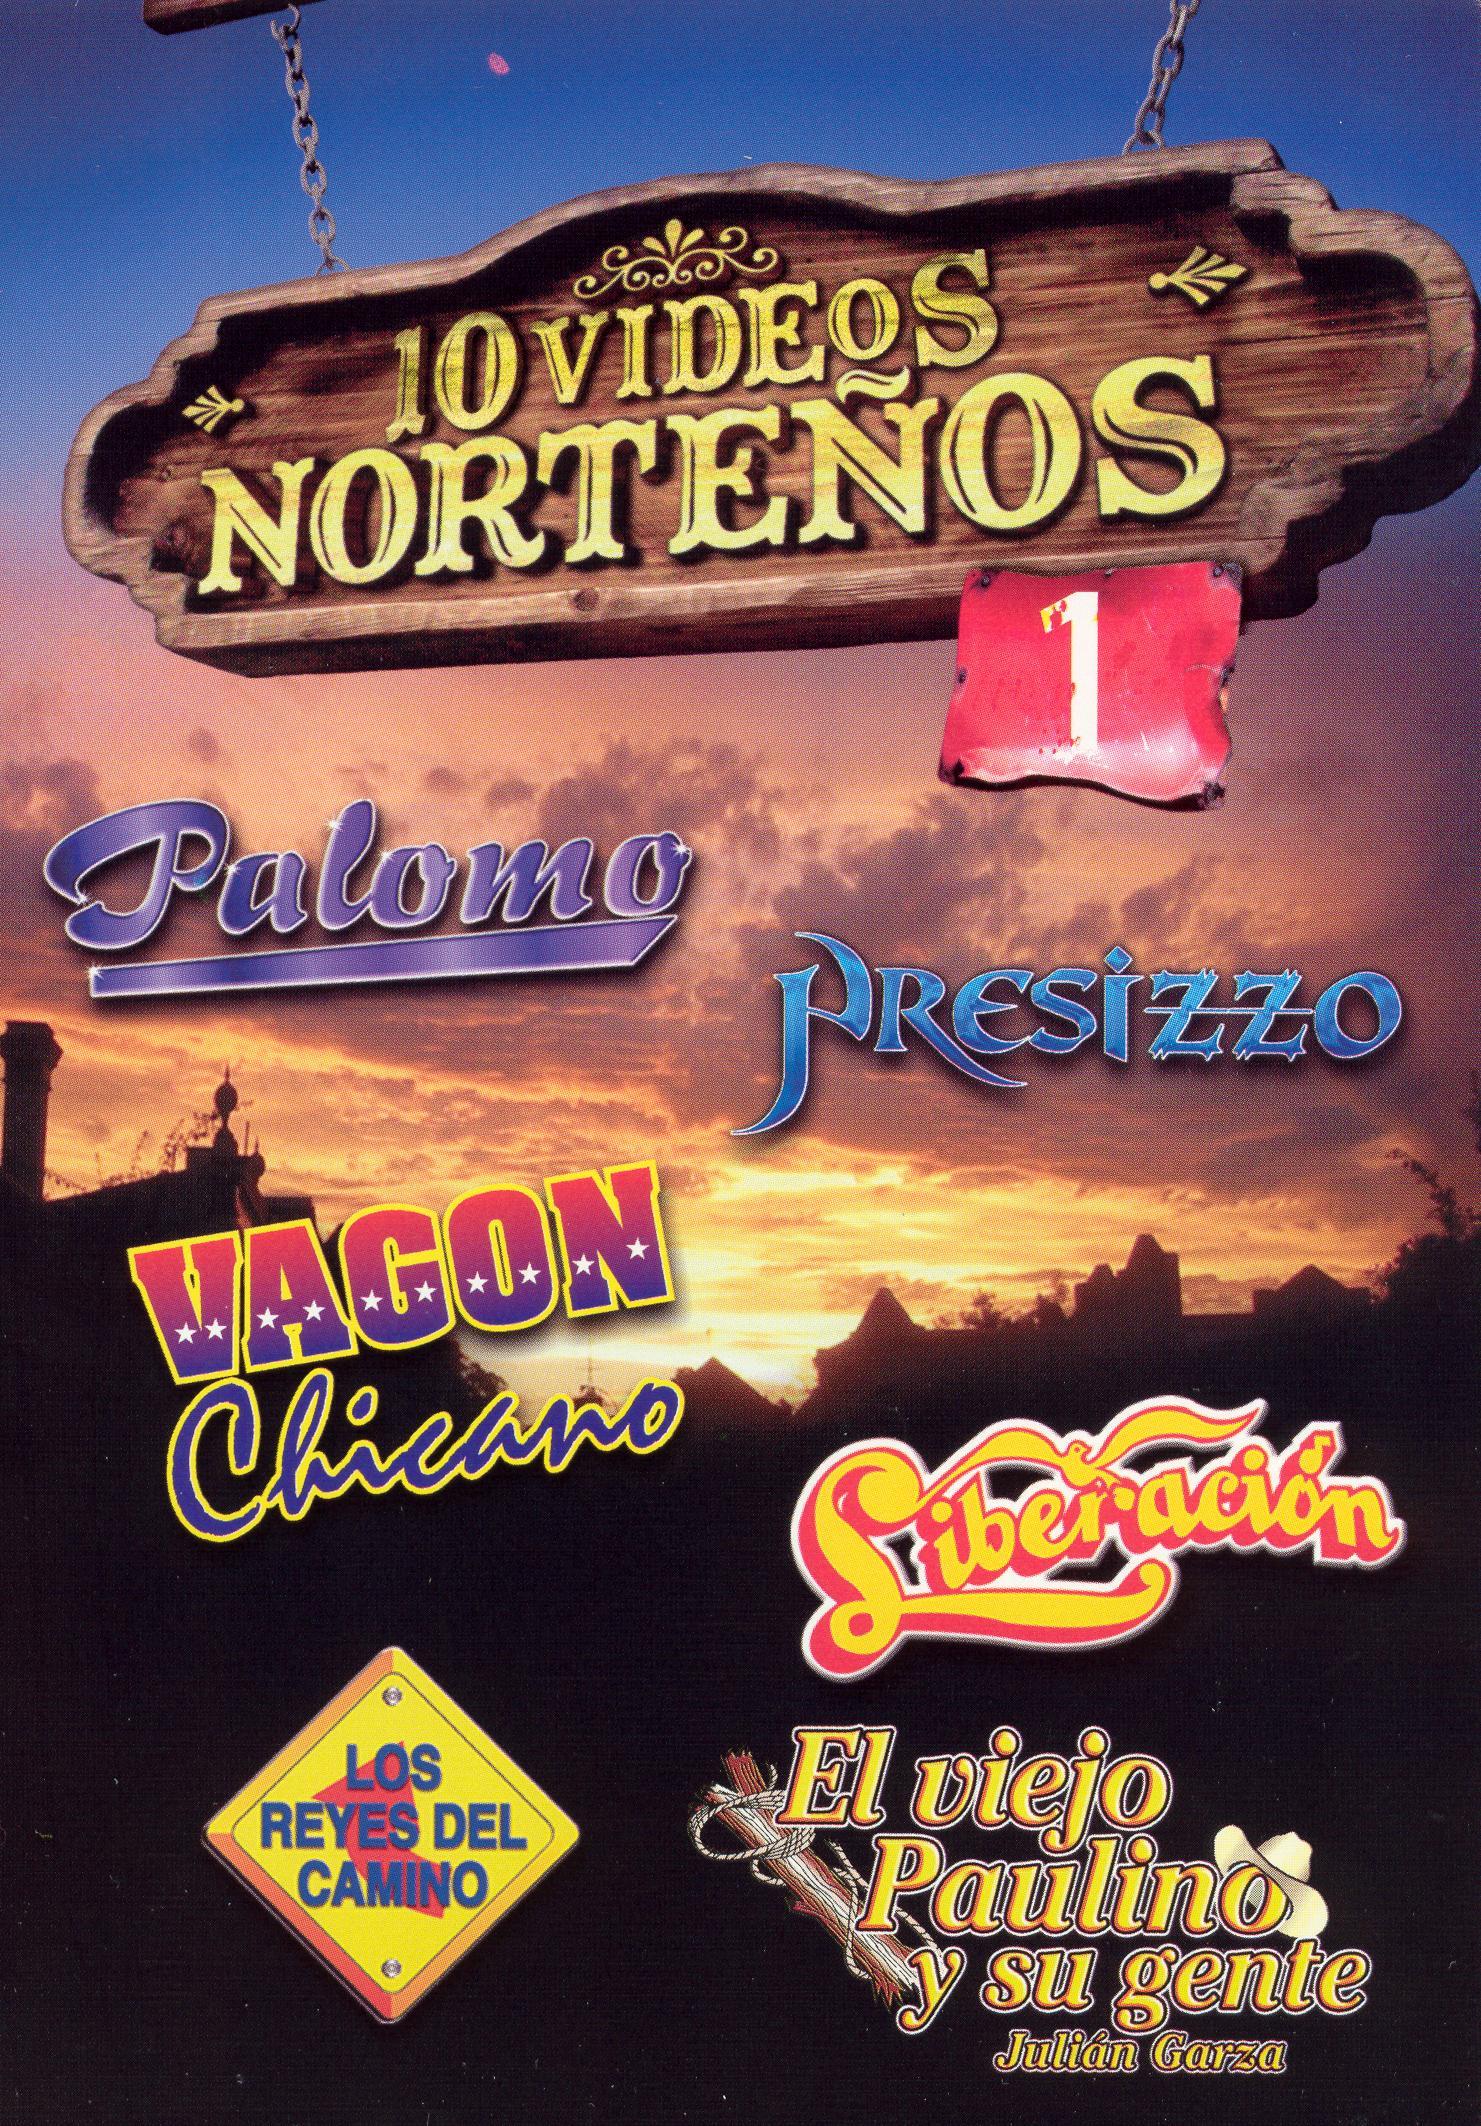 10 Videos Nortenos, Vol. 1